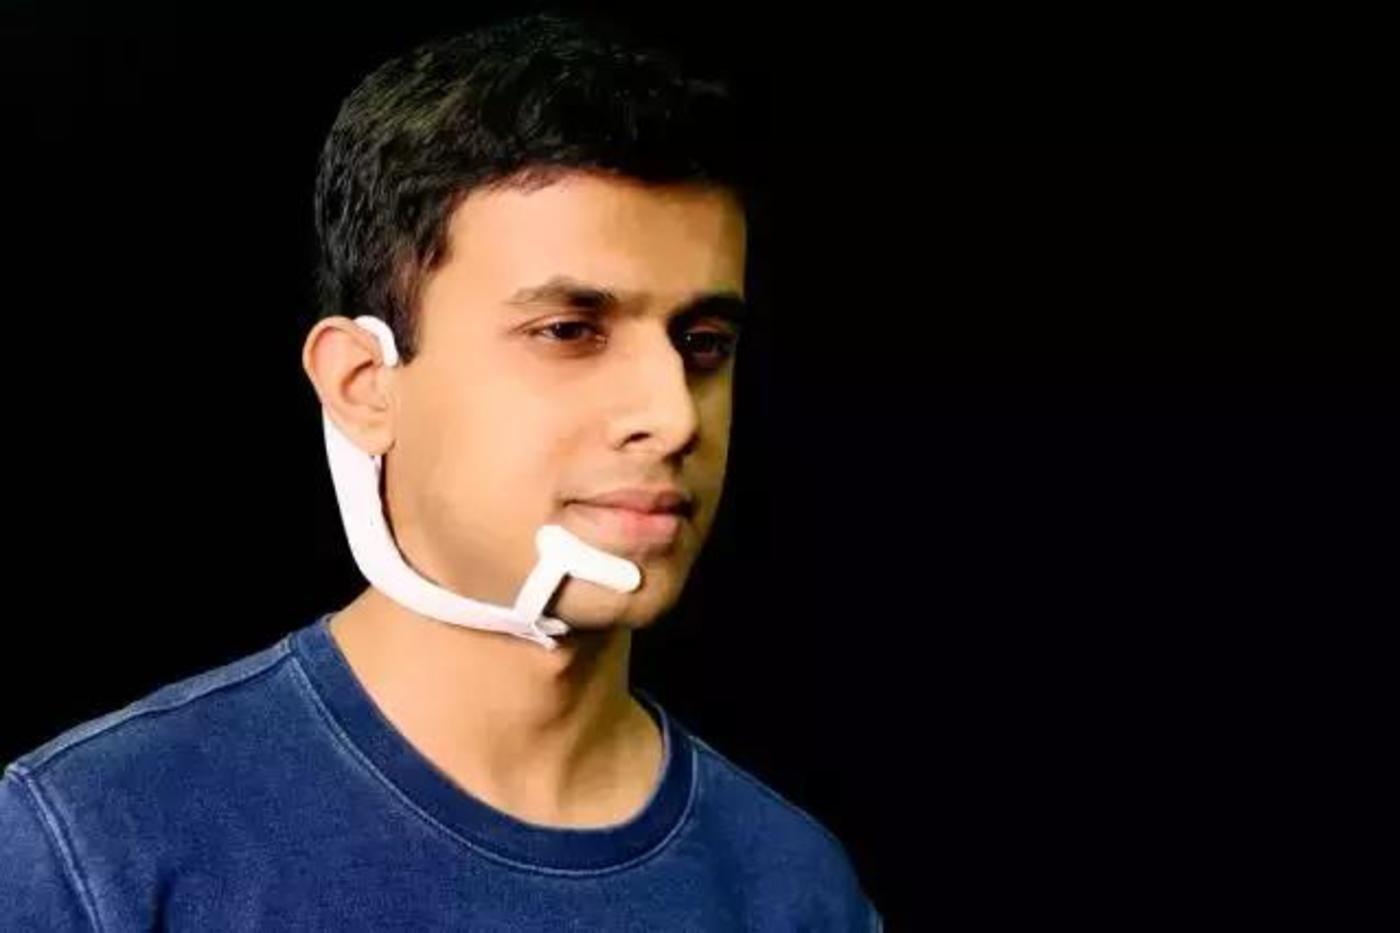 麻省理工学院媒体实验室Fluid Interfaces小组的研究员Arnav Kapur演示了AlterEgo项目